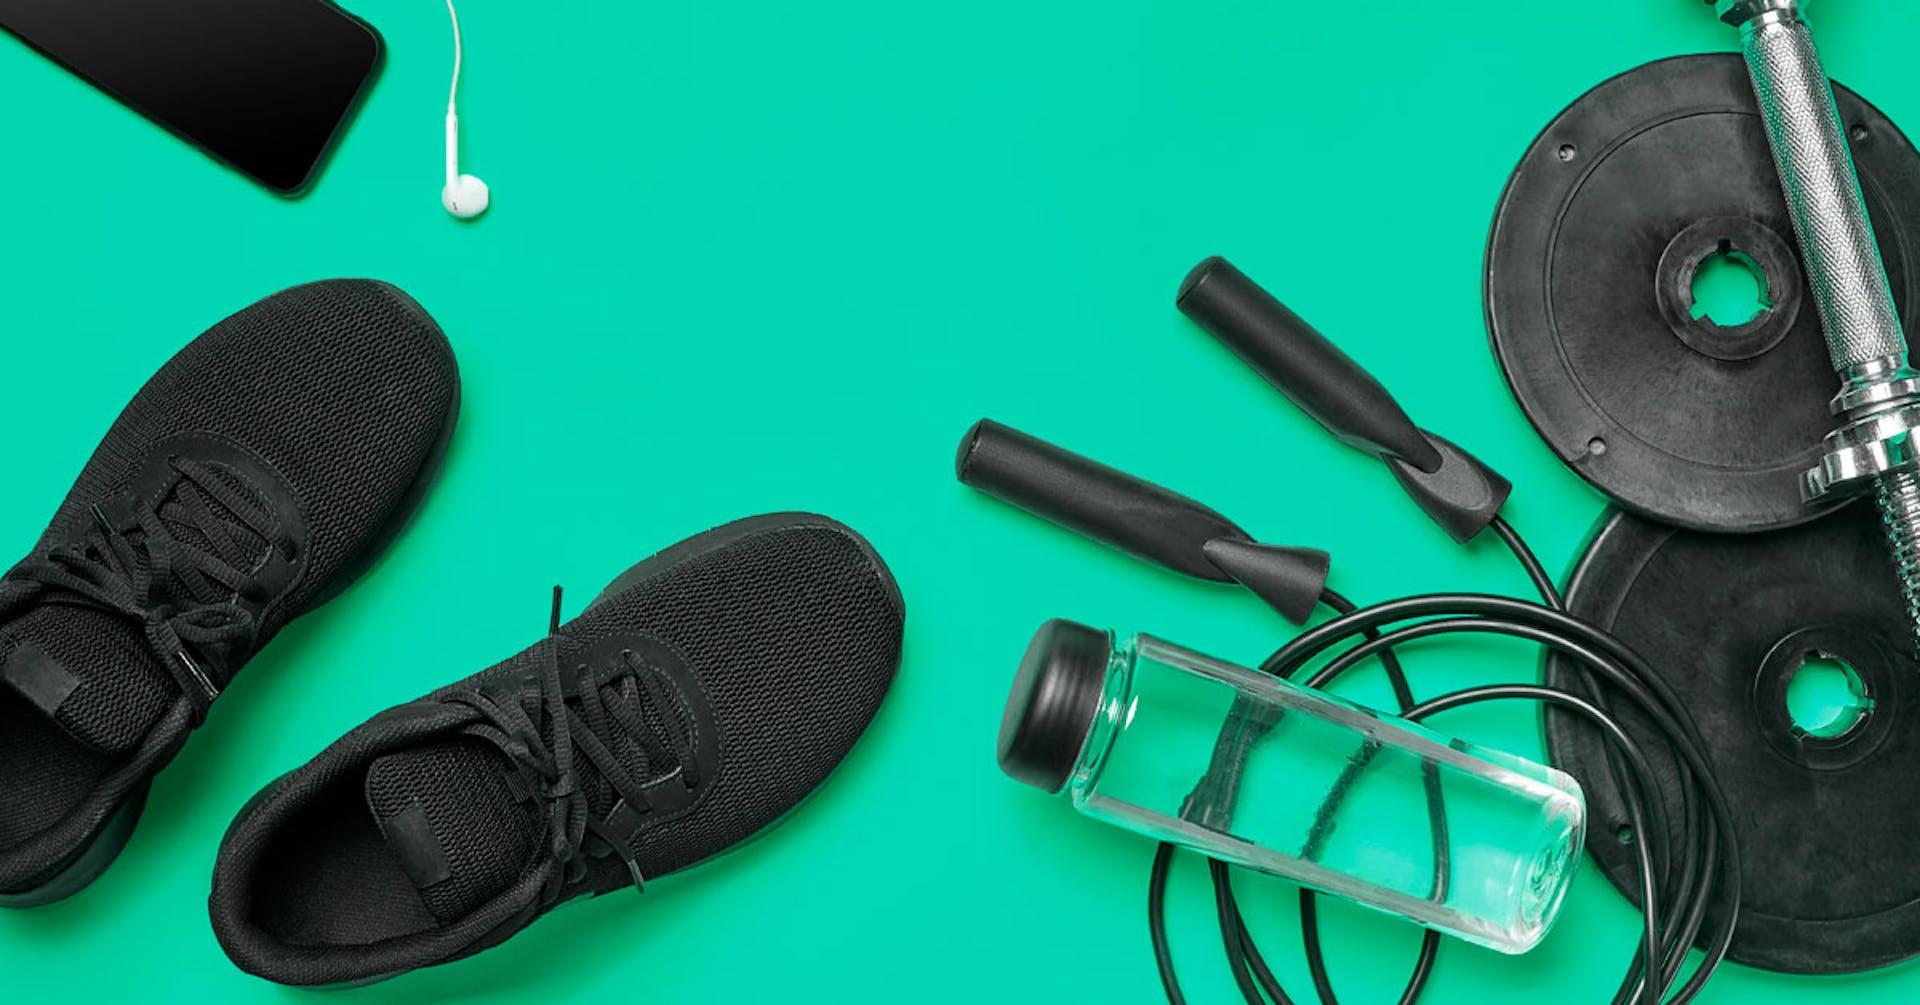 ¿Cómo empezar una vida fitness? Emprende tu camino hacia una vida saludable